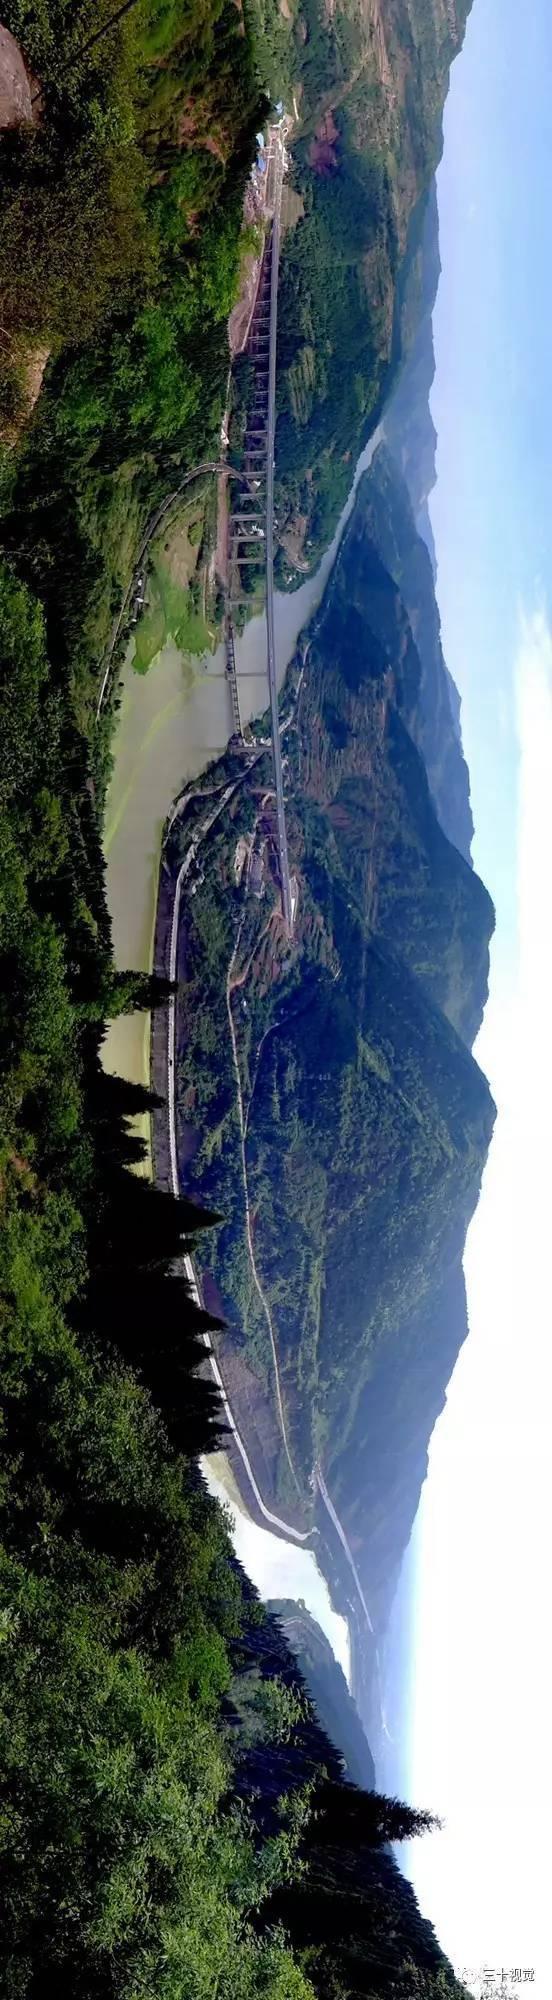 平台崖下分别是龙泉驿区,青白江所属.图片